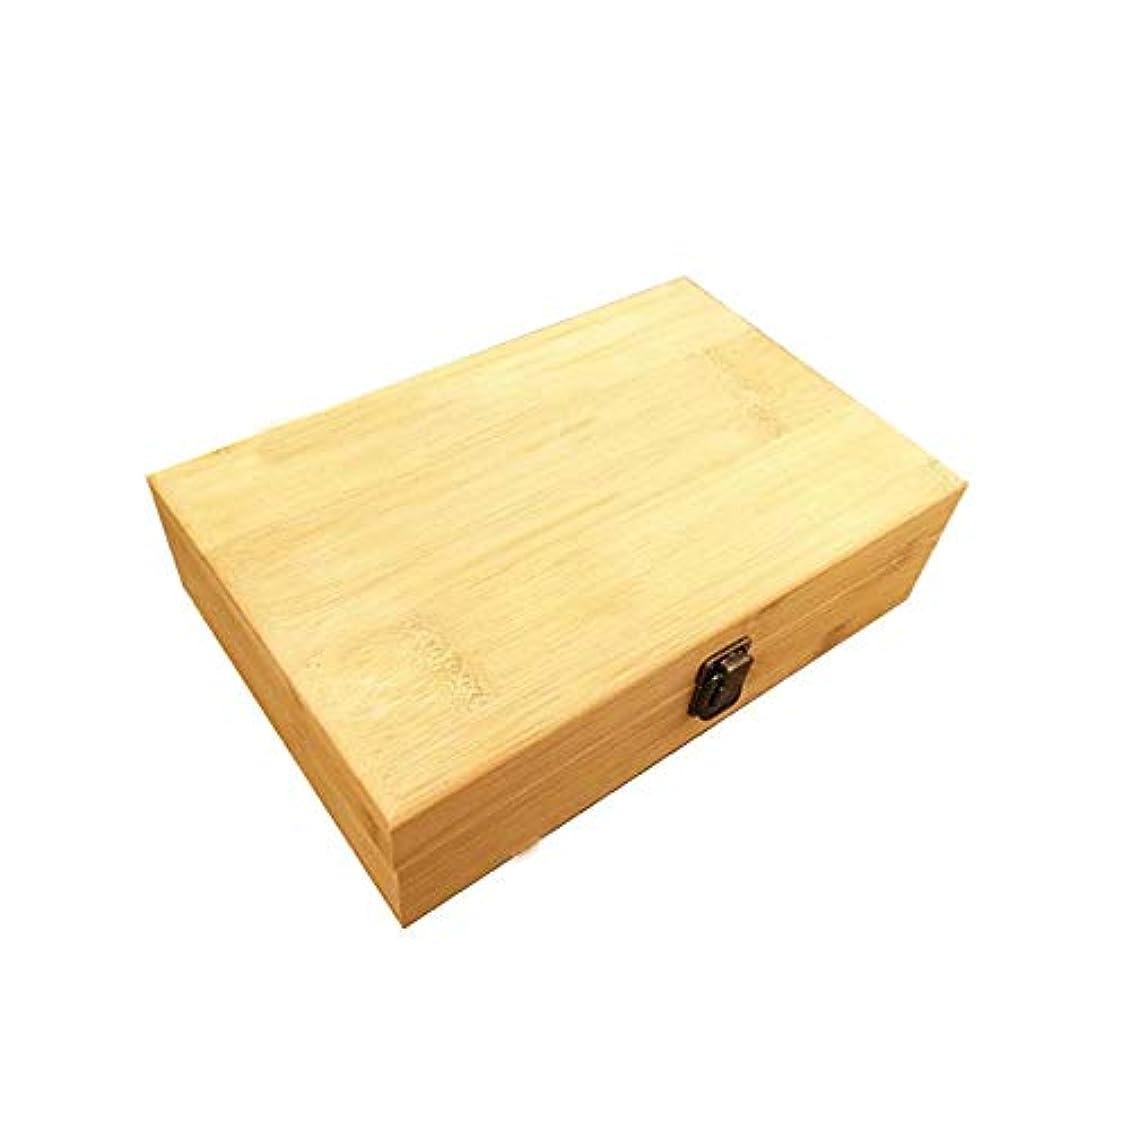 頭蓋骨ピクニックをする会話エッセンシャルオイルの保管 40スロットエッセンシャルオイルボックス木製収納ケースは、40本のボトルエッセンシャルオイルスペースセーバーの開催します (色 : Natural, サイズ : 29X18.5X8CM)